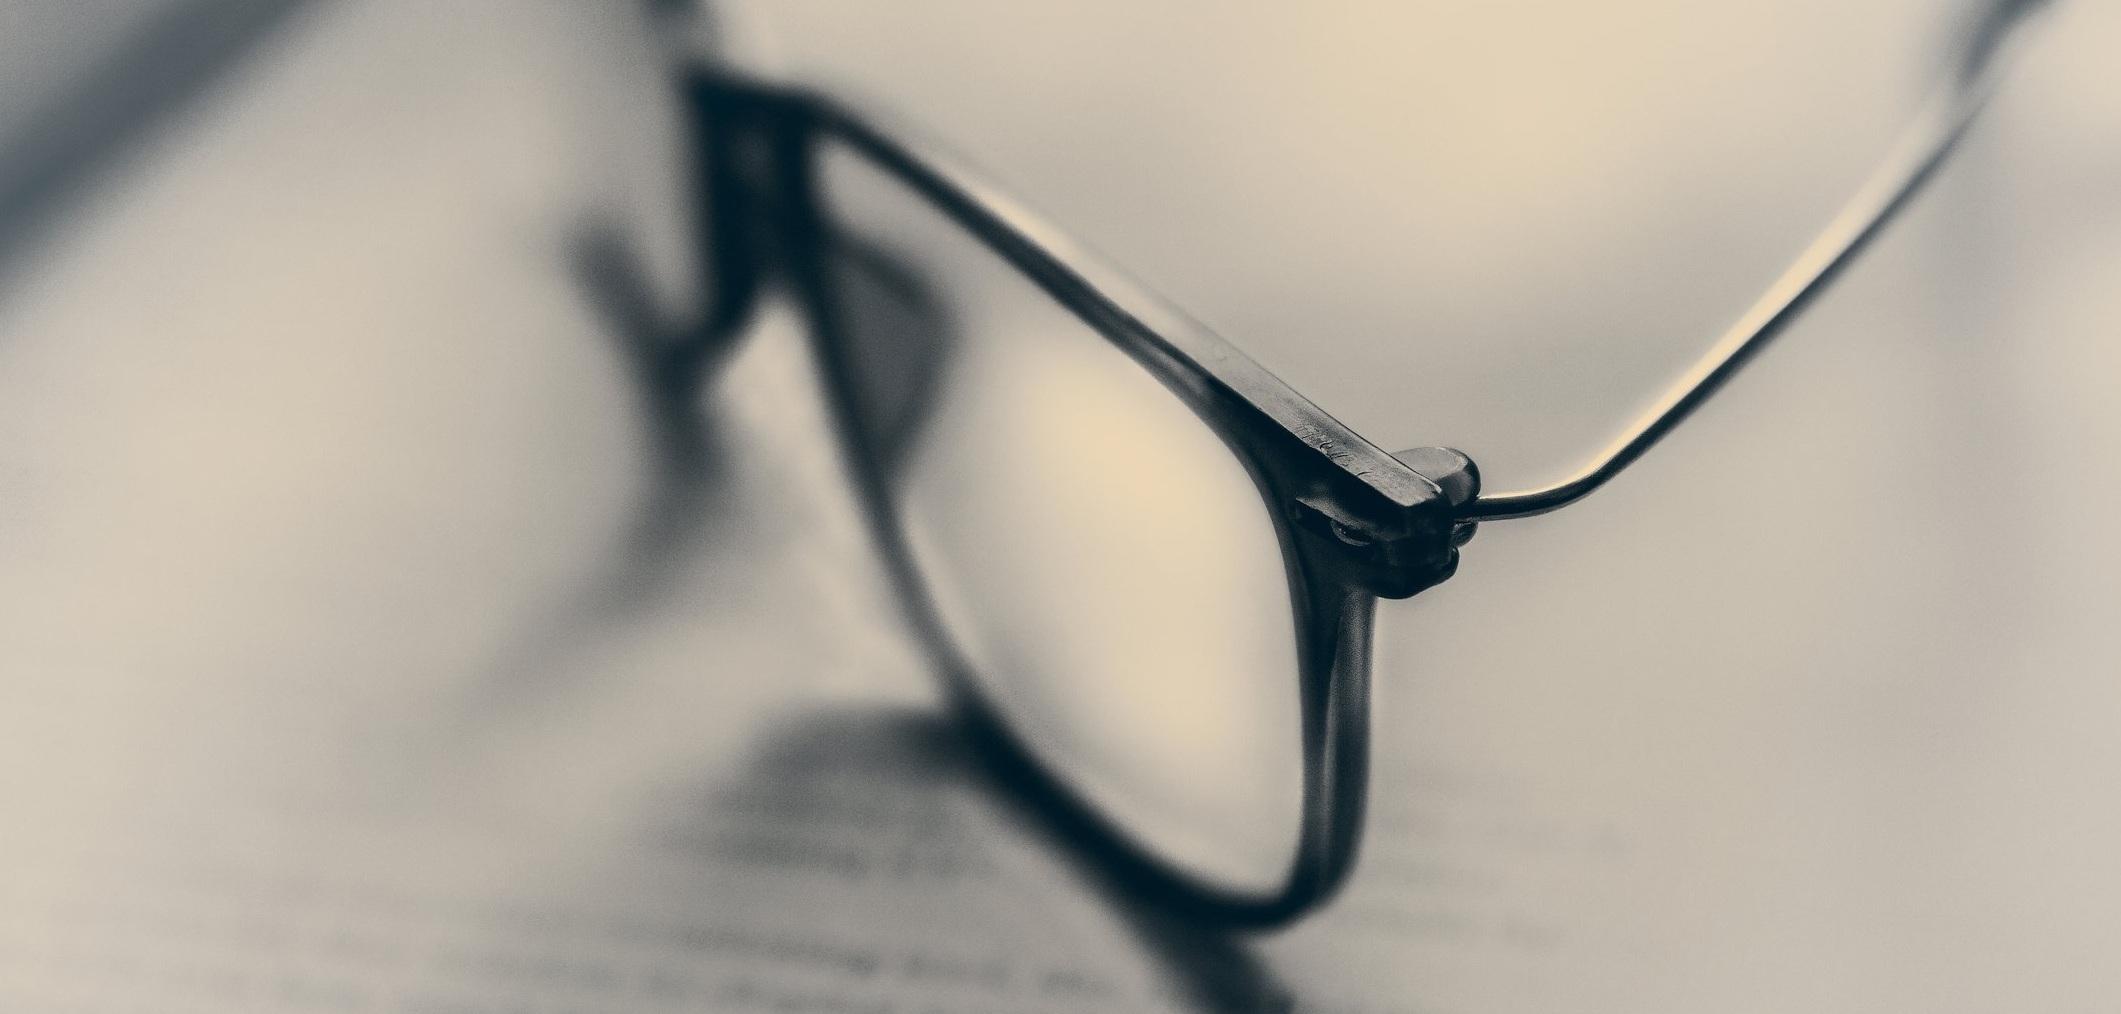 Brilmontuur onderdelen - Verronden, ontbramen en polijsten van brilmonturen en onderdelen zoals de neusbrug, neusvleugel, brilpoot en scharnieren